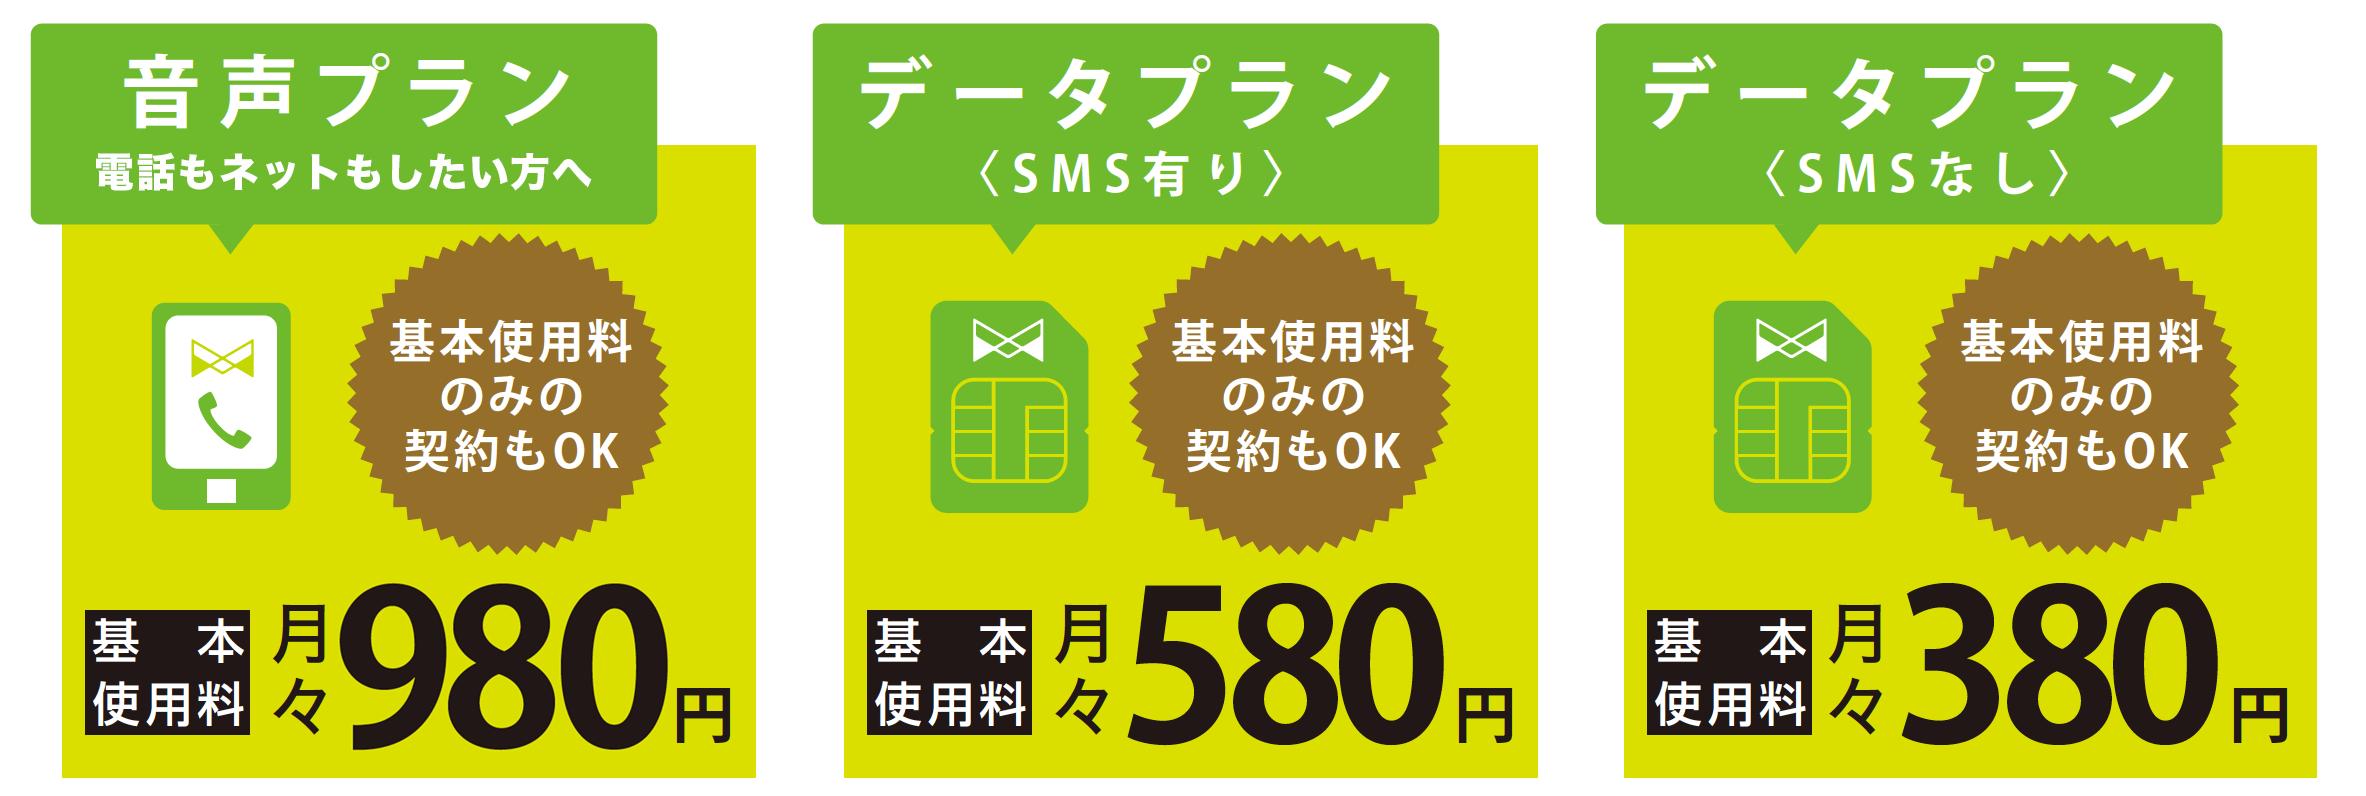 音声プラン 980円、データプラン(SMSあり)580円、データプラン(SMSなし)380円